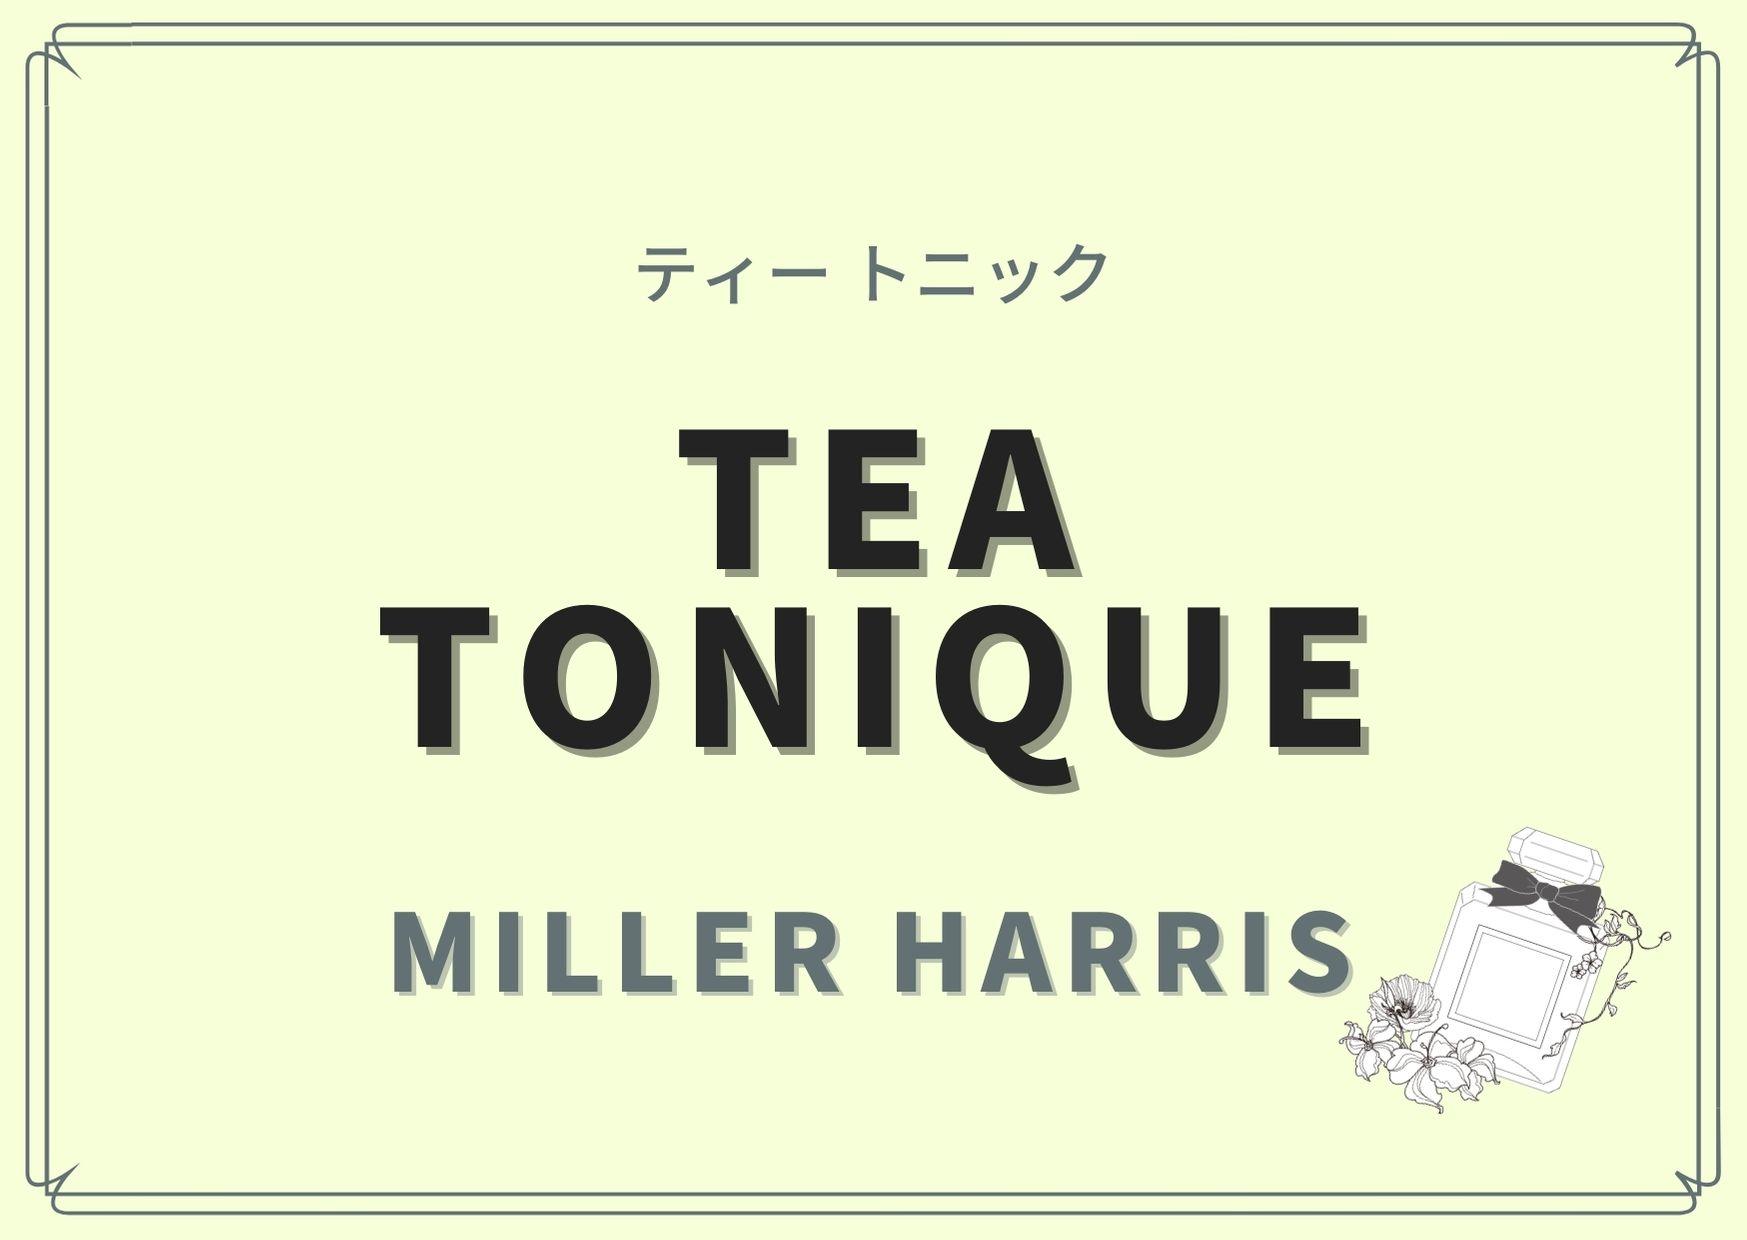 Tea Tonique(ティー トニック)/Miller Harris(ミラー ハリス)